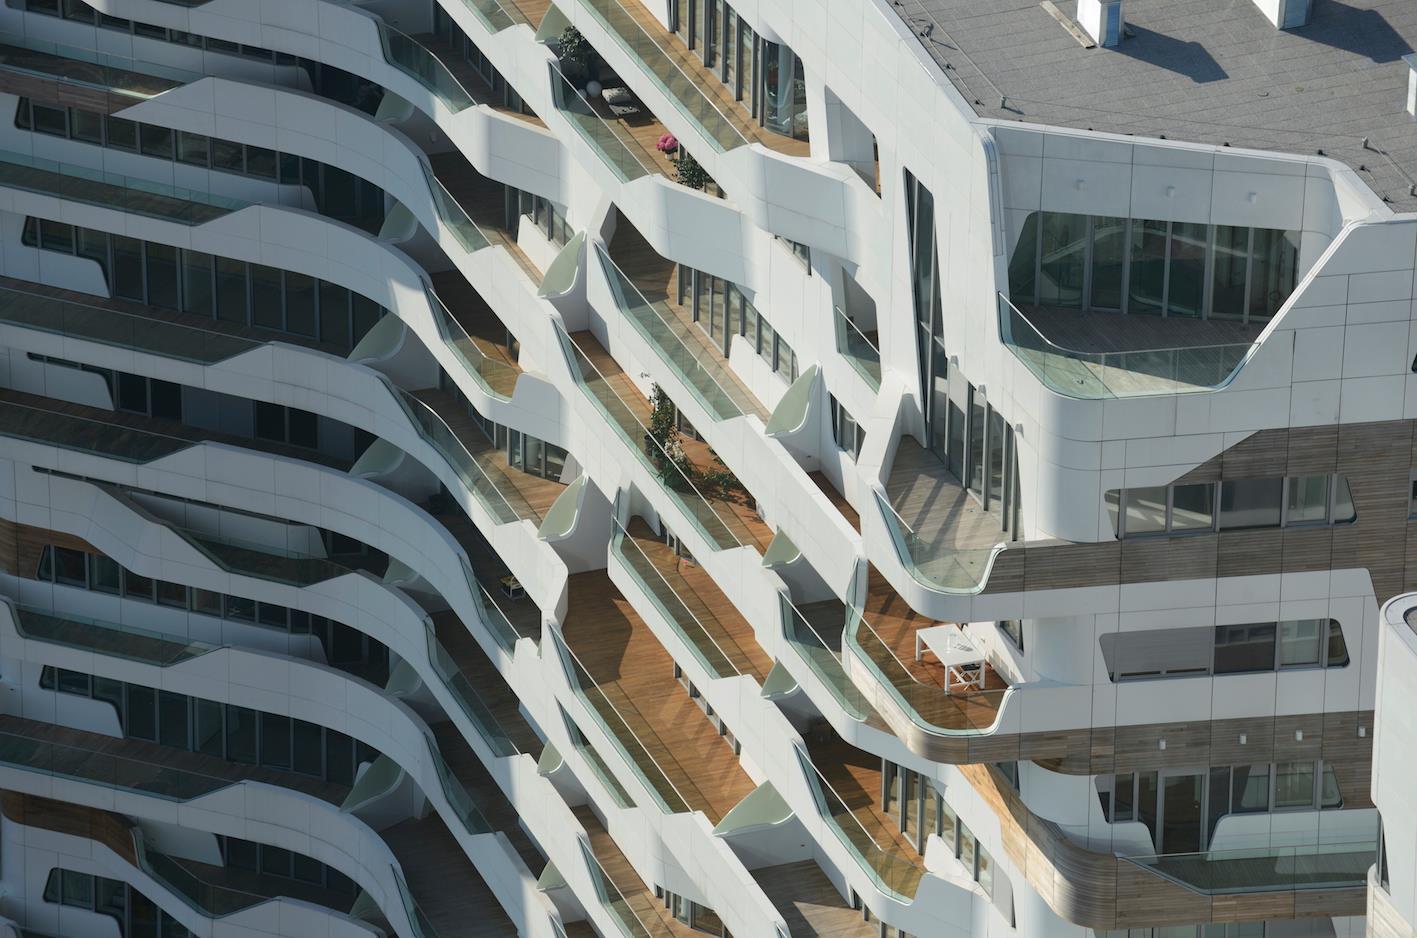 מודלים חדשים למגדלי מגורים